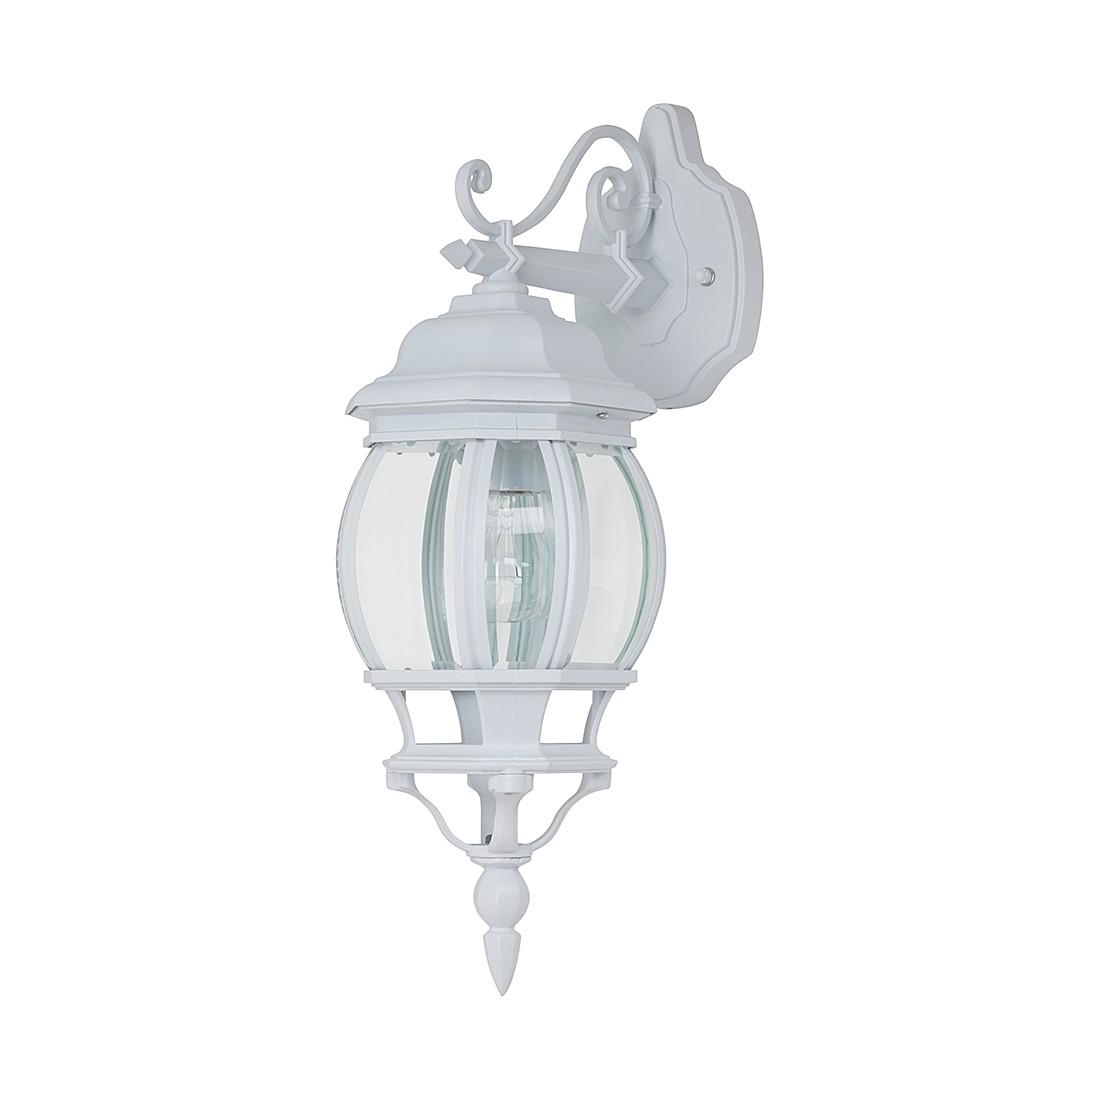 energie  A++, Wandlamp Sally - textiel/gegoten aluminium/glas - wit - 1 lichtbron, Brilliant